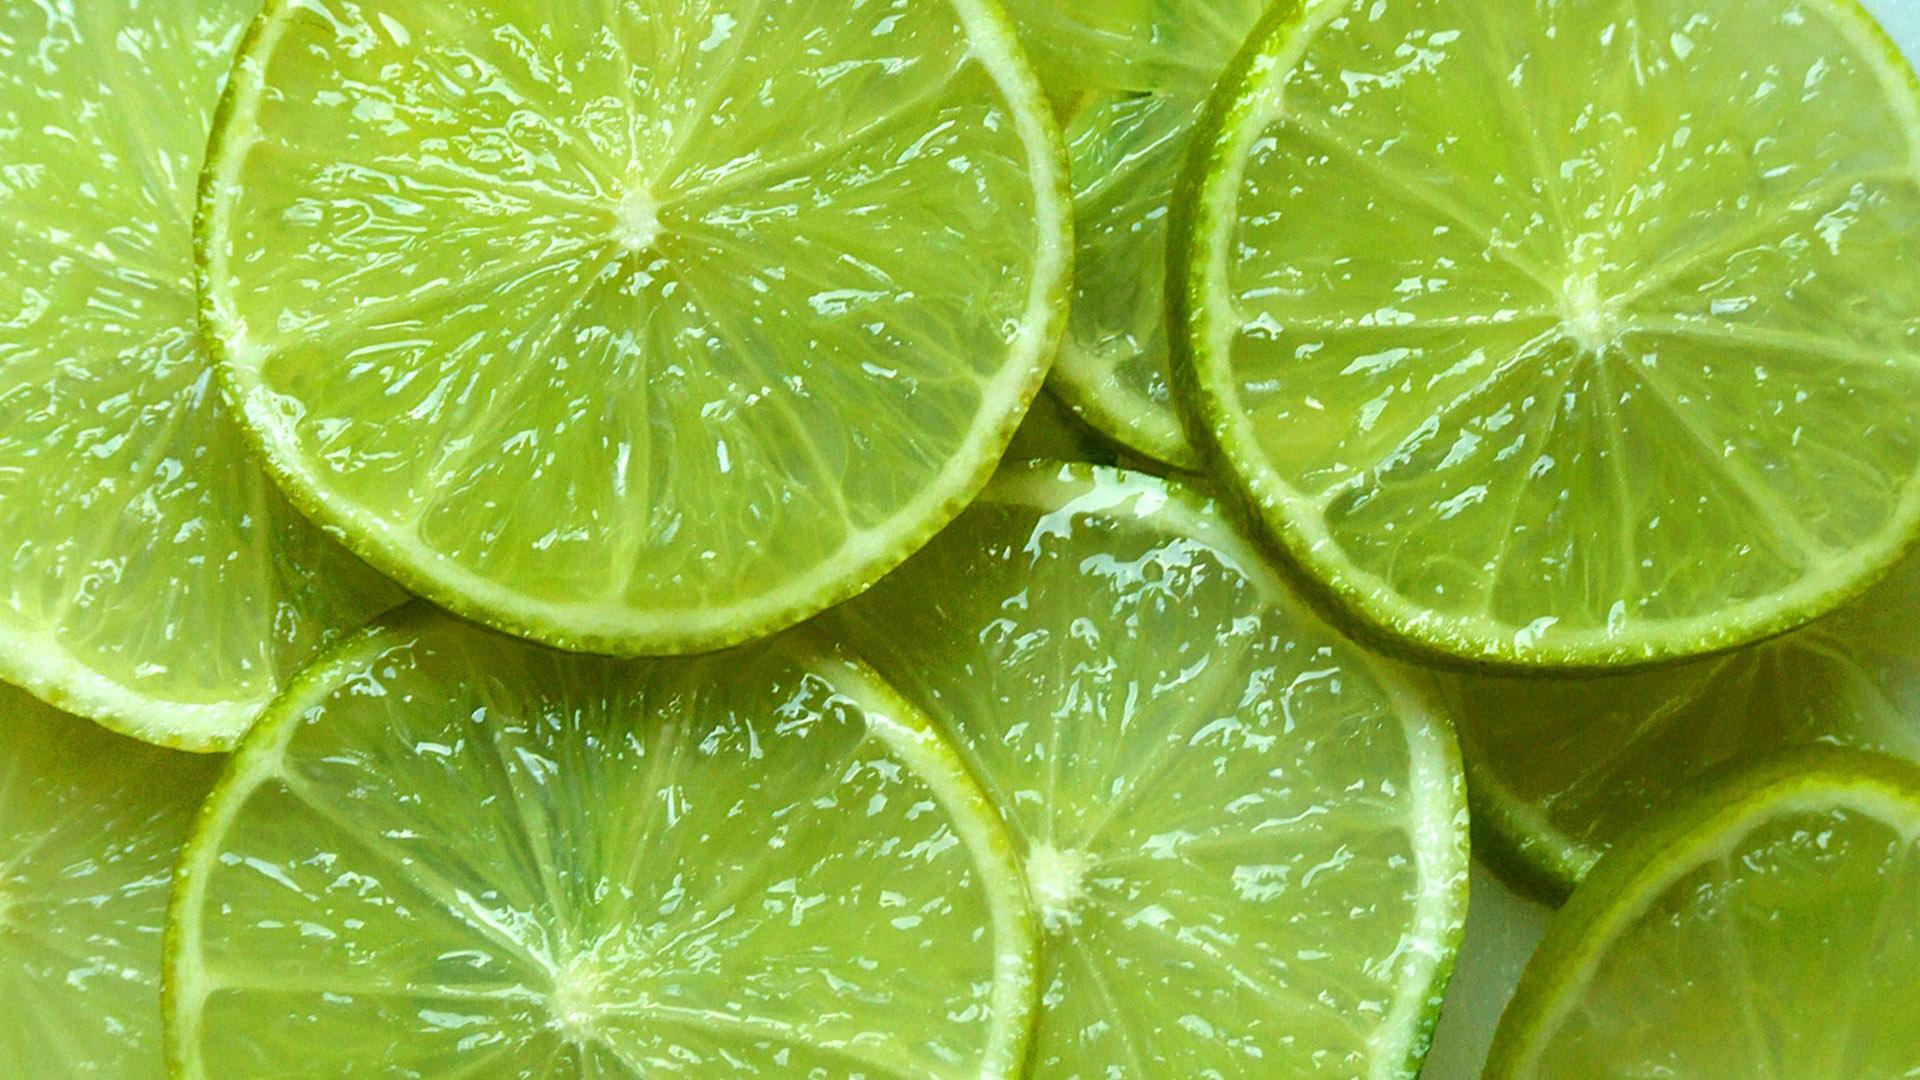 Green Lemon Hd Wallpaper